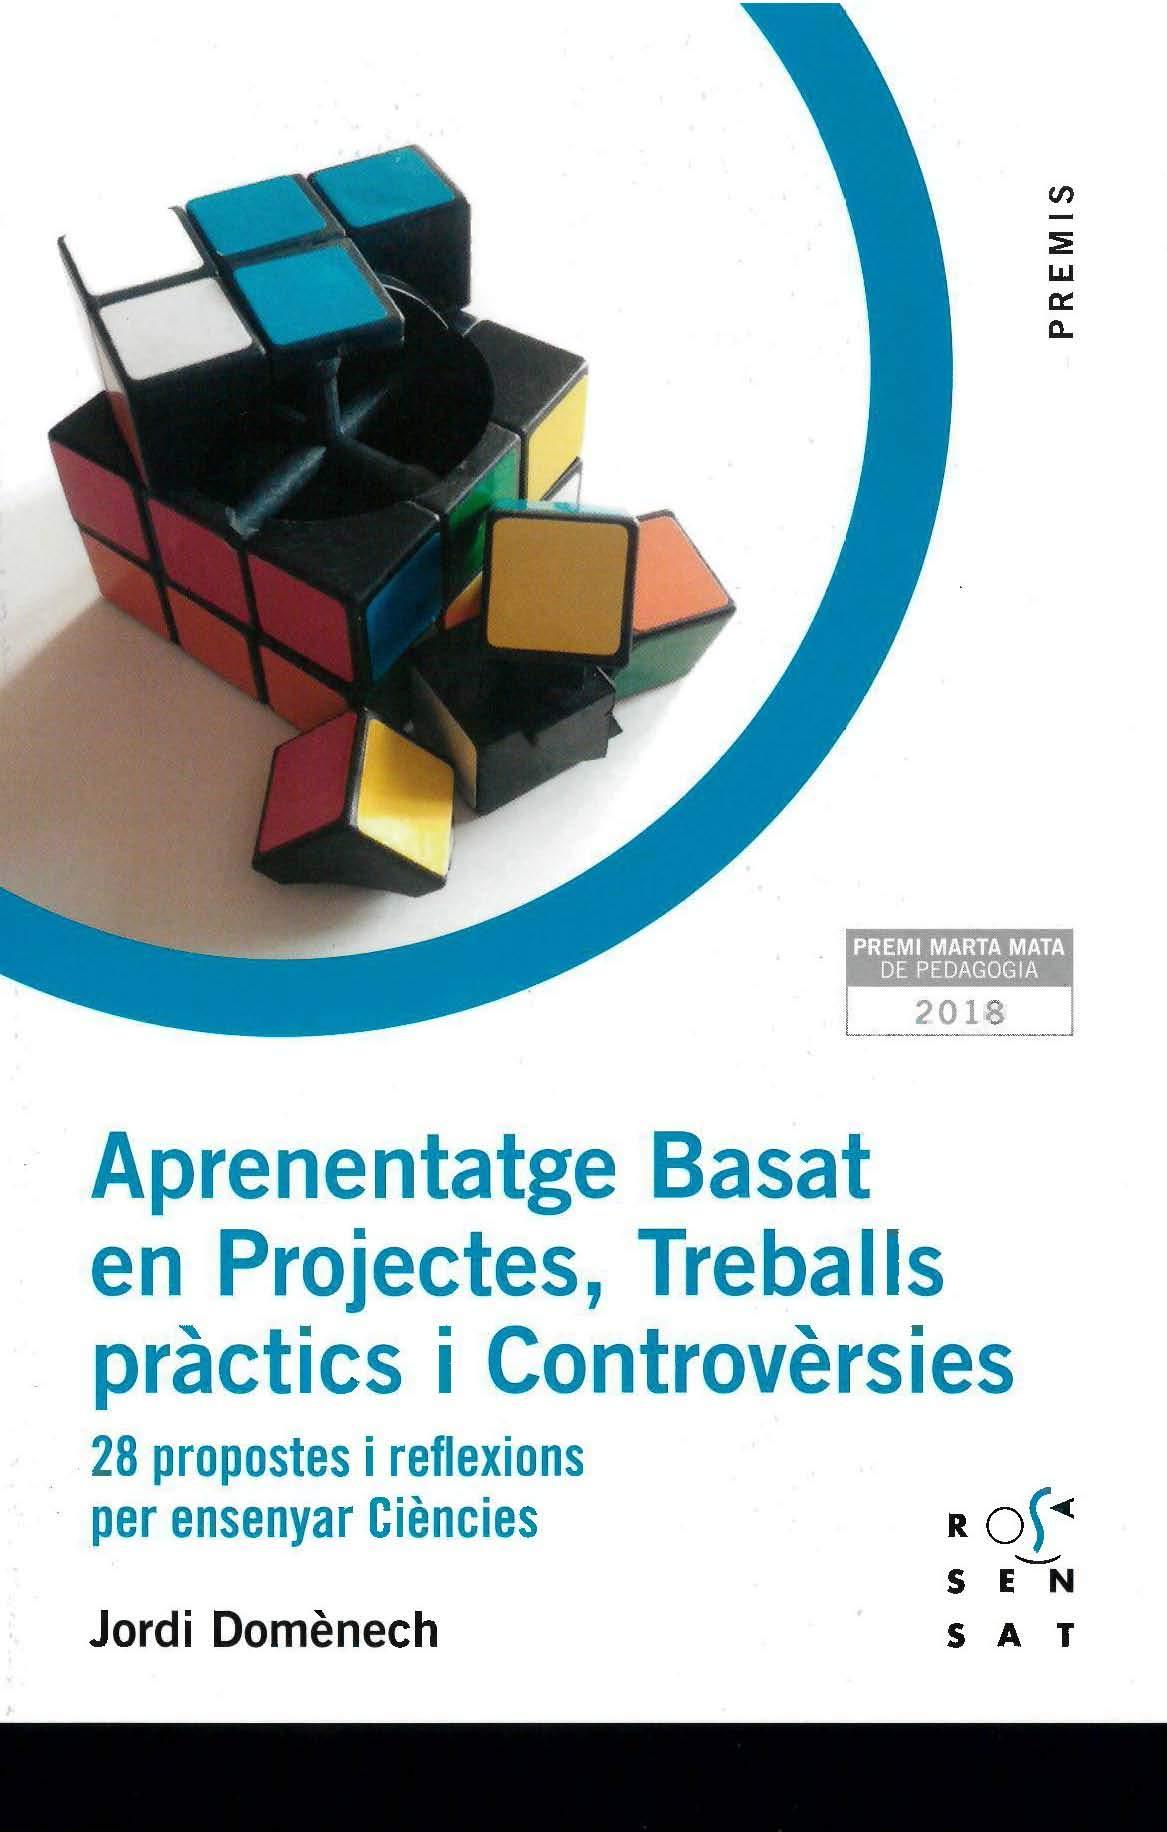 https://www.rosasensat.org/producte/aprenentatge-basat-en-projectes-treballs-practics-i-controversies/